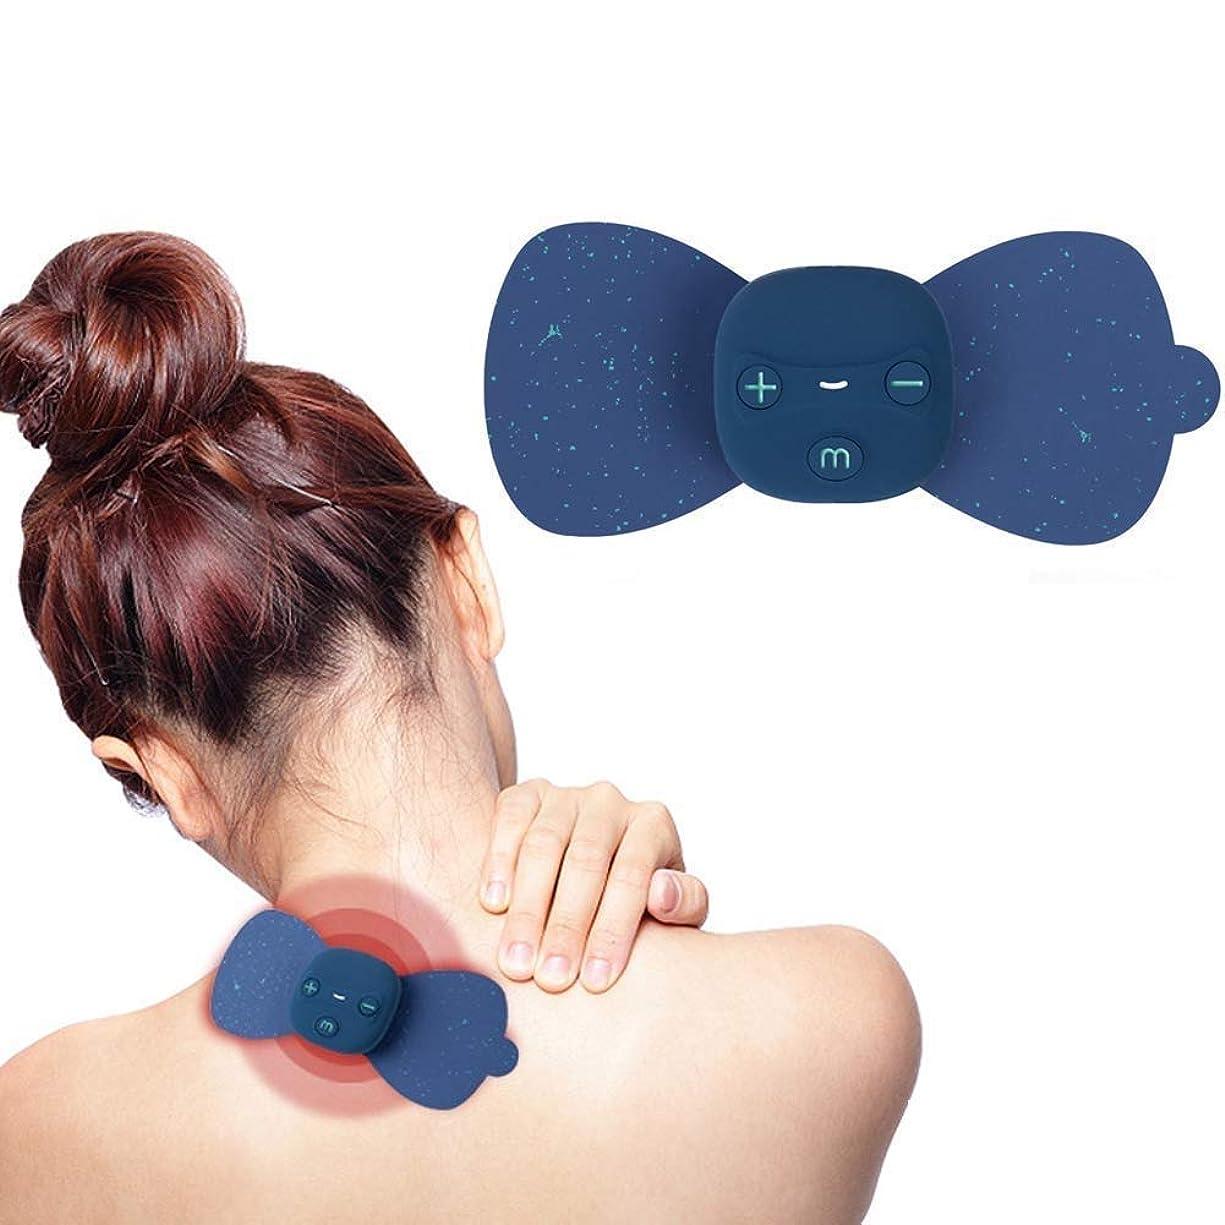 商業の分泌する素敵なマッサージステッカー EMSマッサージテンマシンセラピーデバイス、ワイヤレステンユニット - 電極パッドデバイス - 電気刺激マシン - EMS痛み緩和療法神経刺激用筋肉